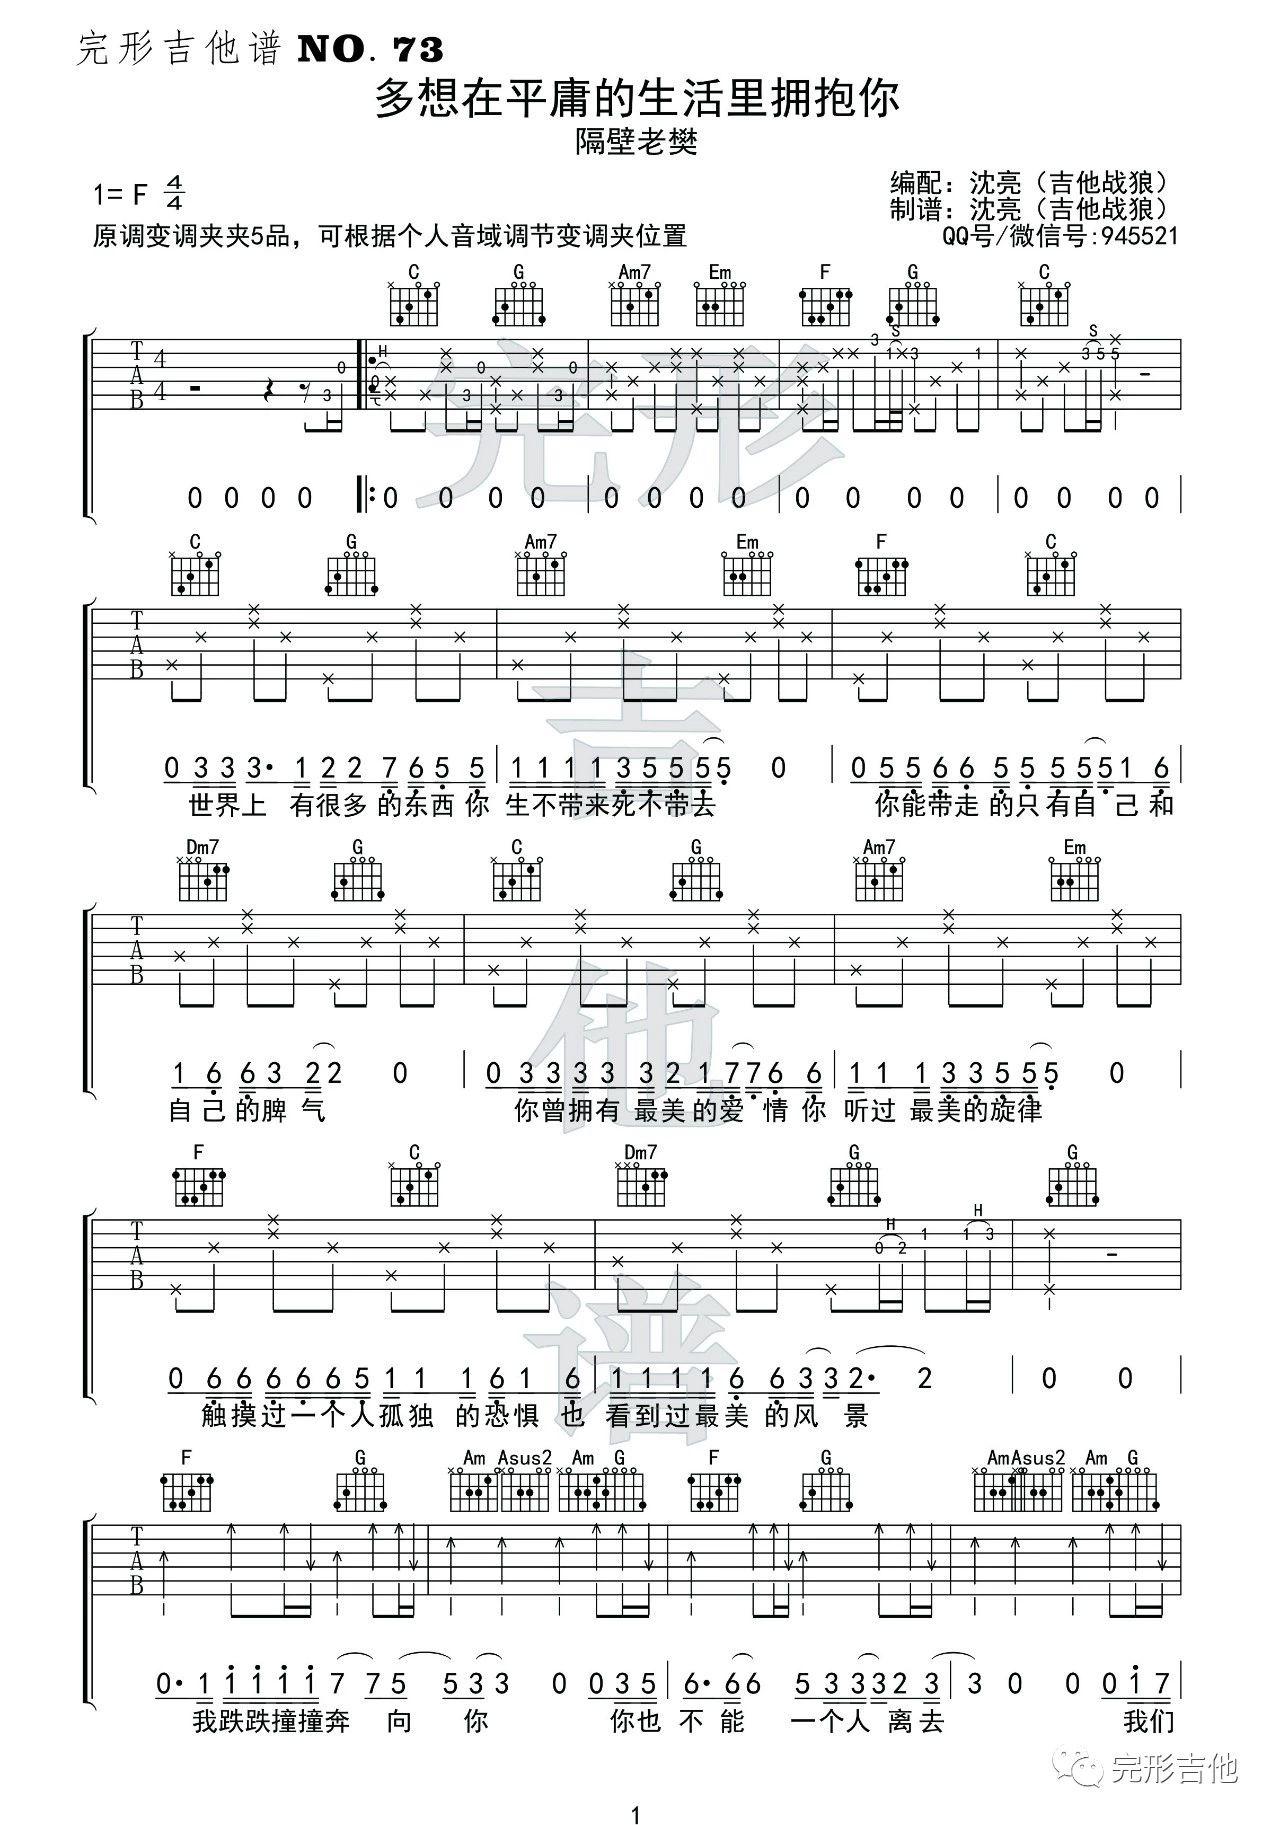 吉他派《多想在平庸的生活拥抱你》吉他谱完形吉他版-1